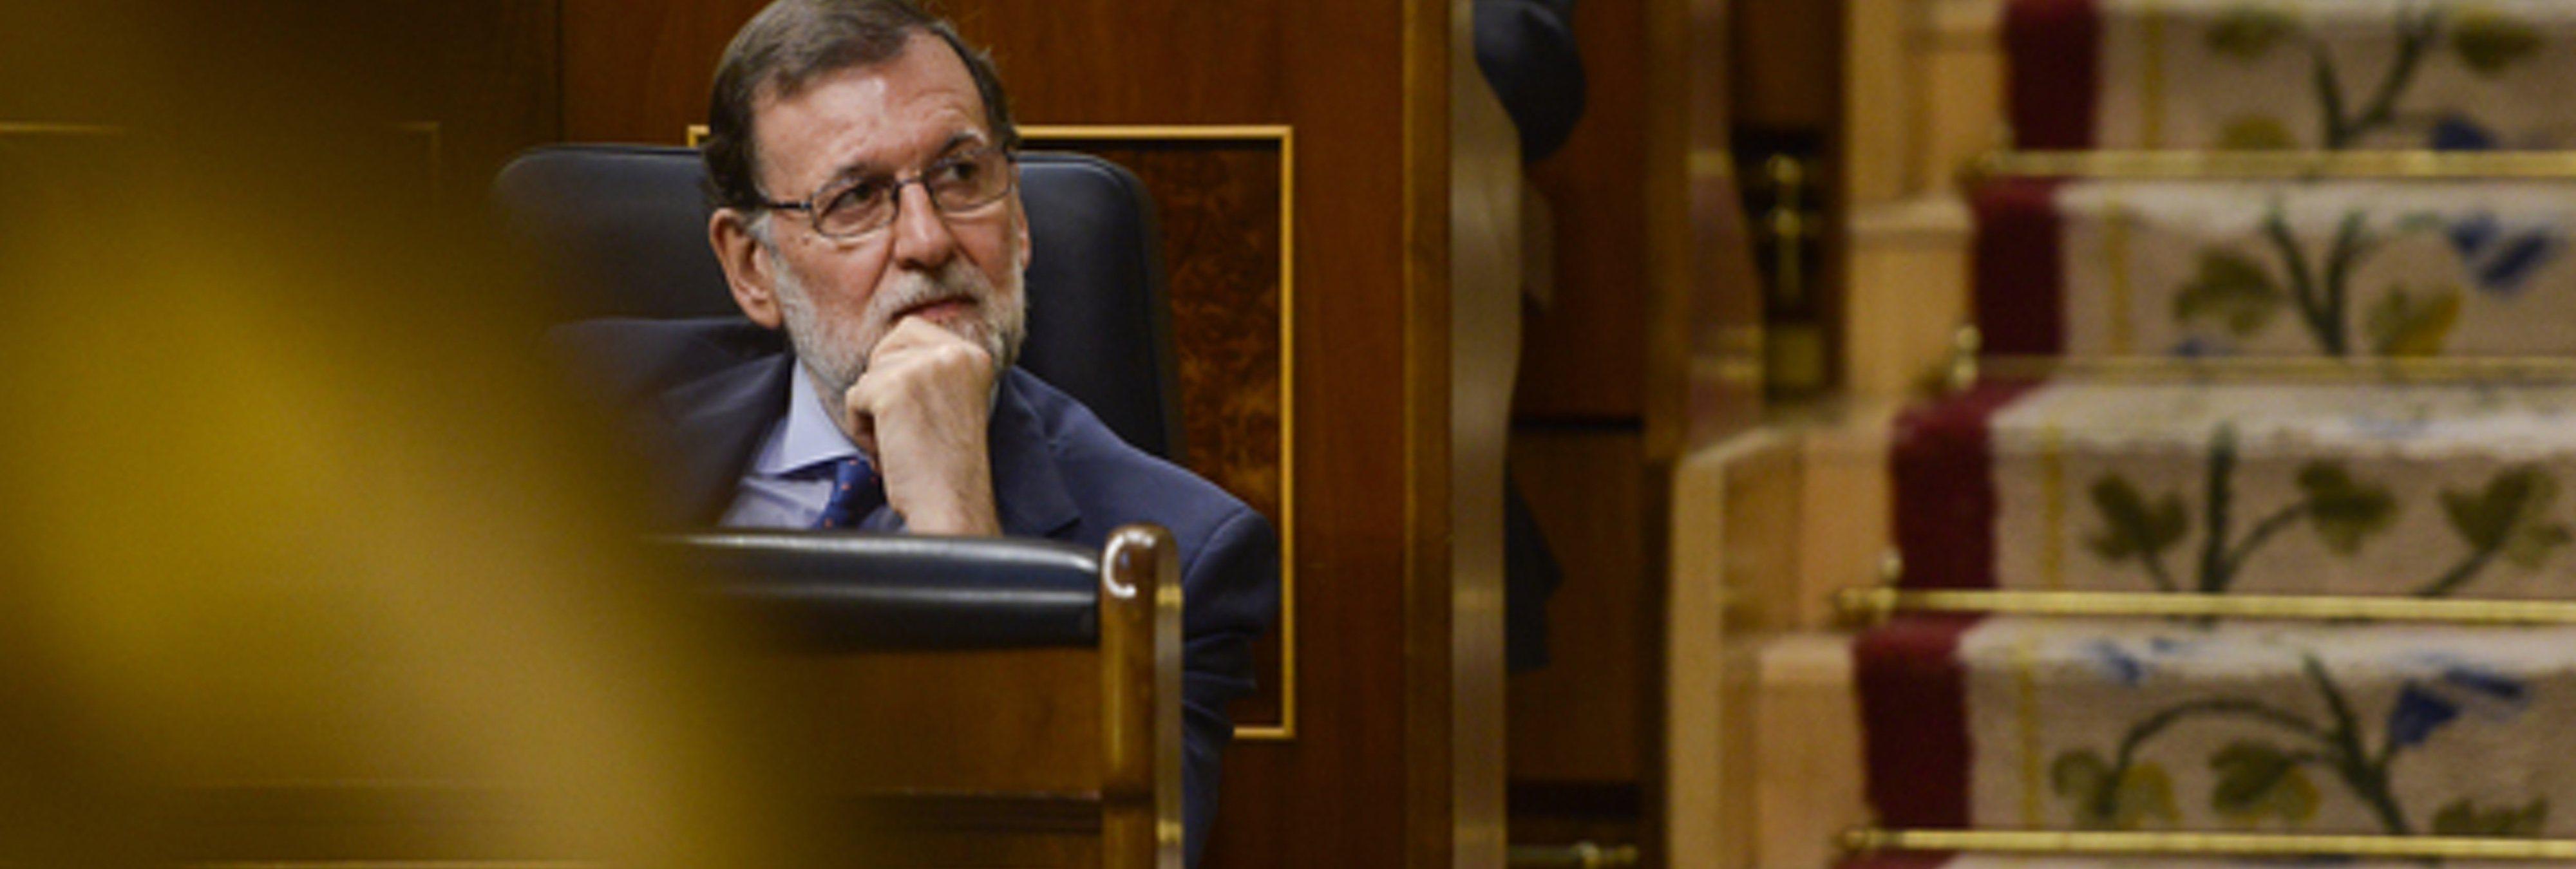 """La última de Rajoy: """"hay cosas bonitas, otras no tanto y no me acuerdo de ninguna"""""""